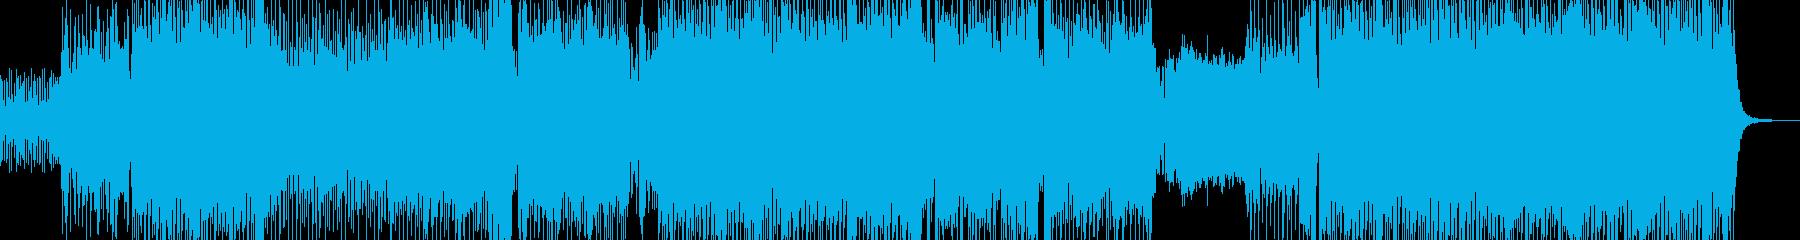 激しいド派手な展開に適したテクノ 短尺+の再生済みの波形